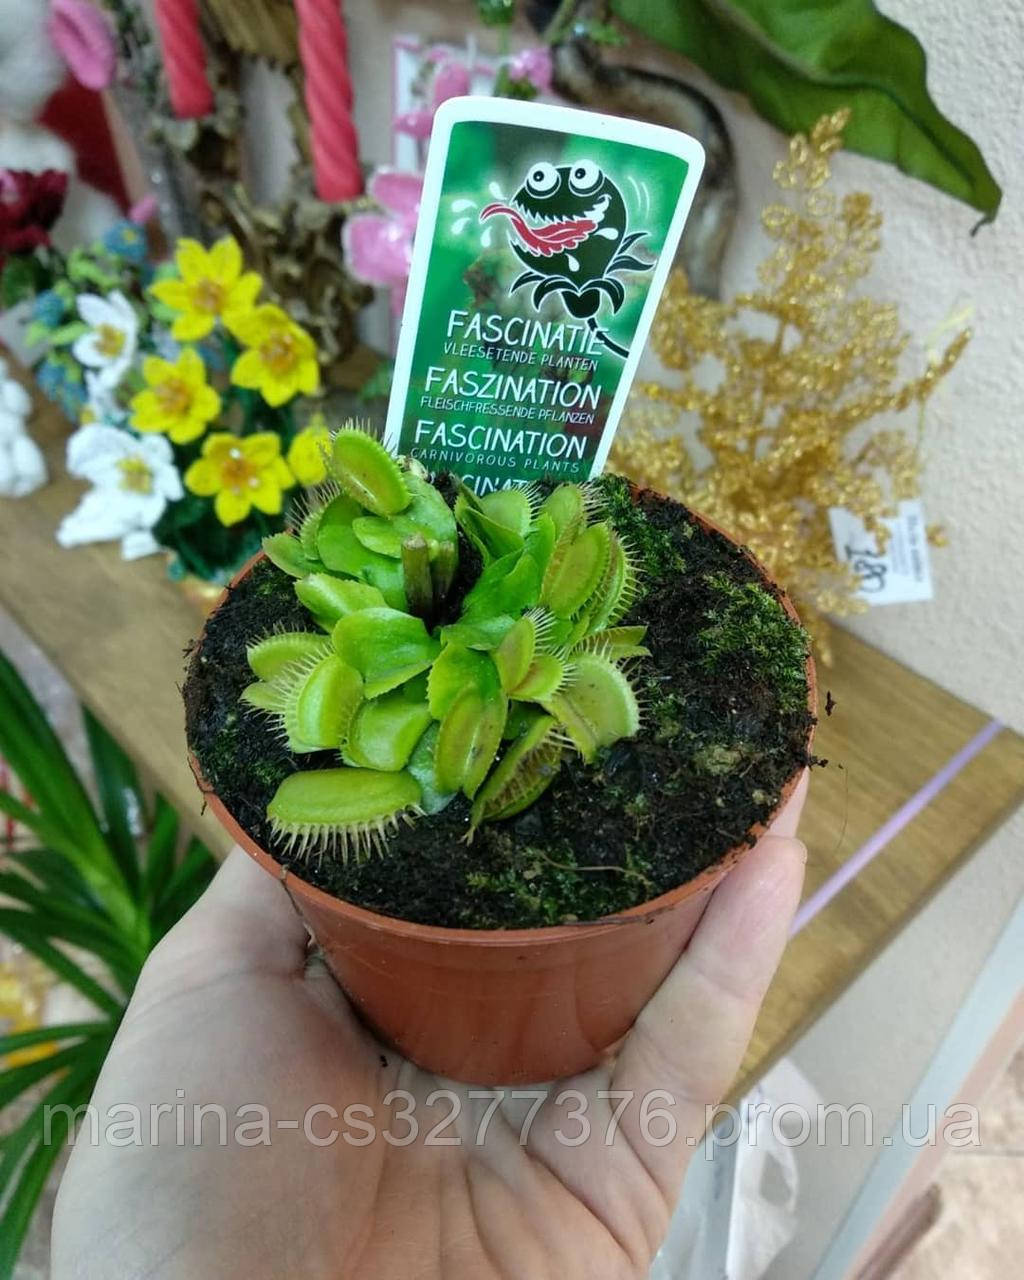 Венерина мухоловка растение-хищник с листьями-ловушками в маленьком горшке